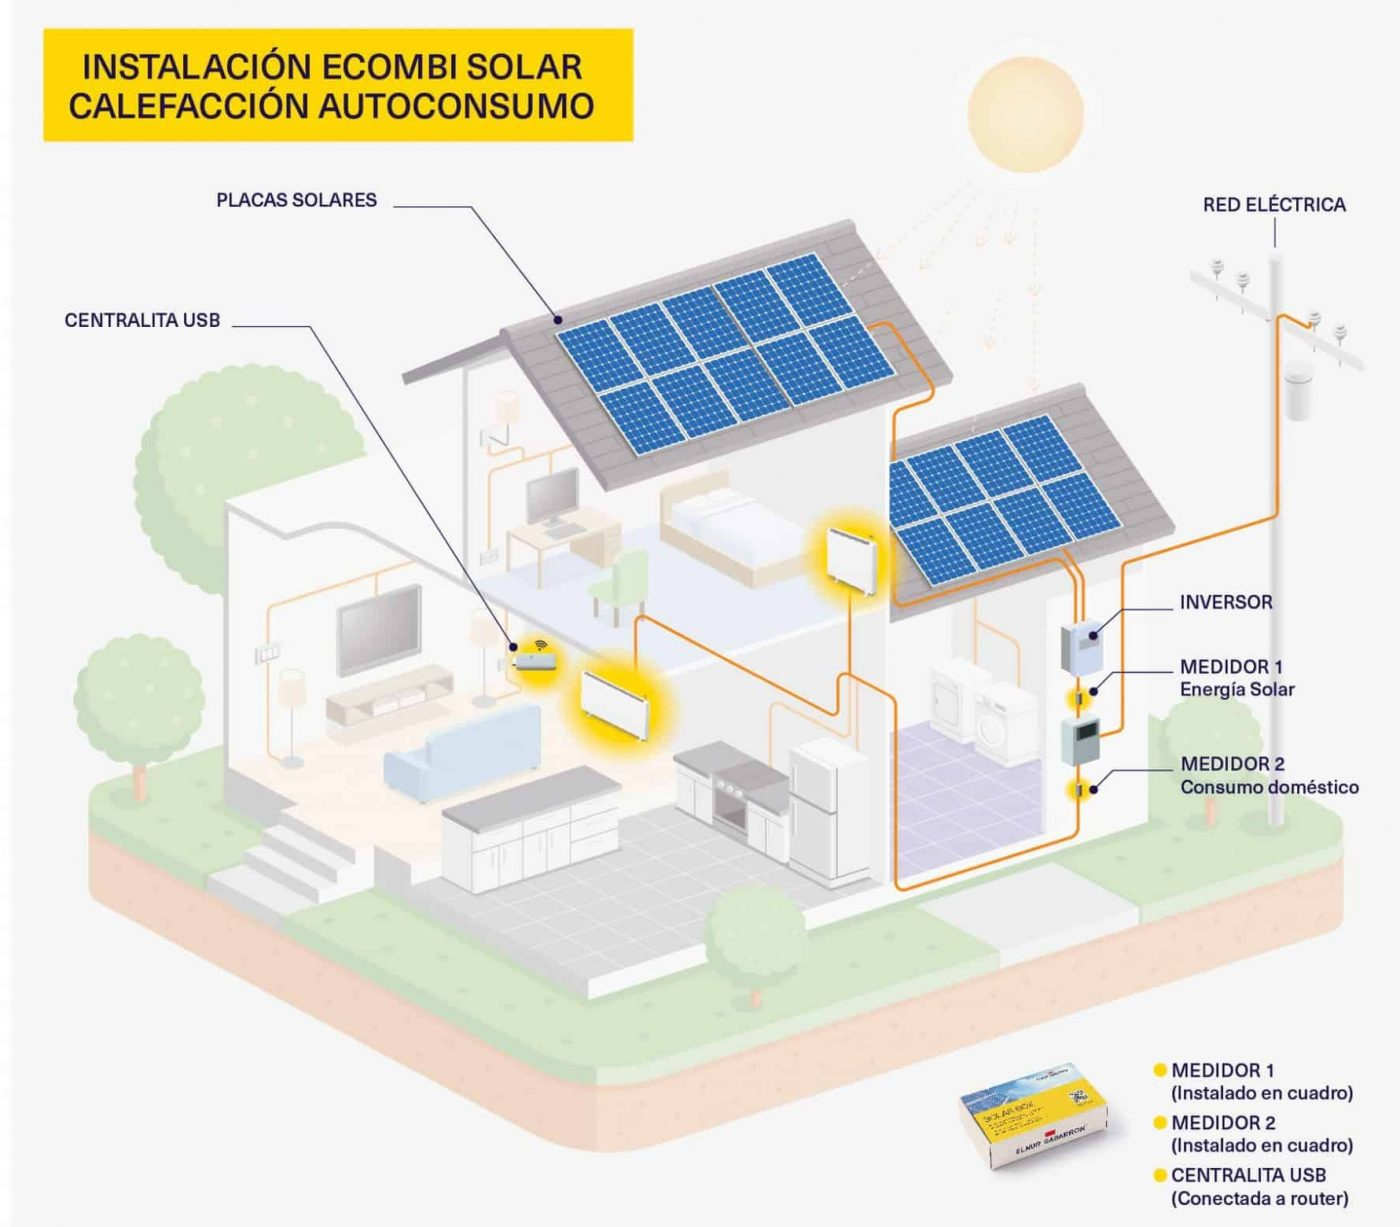 Esquema ECOMBI SOLAR